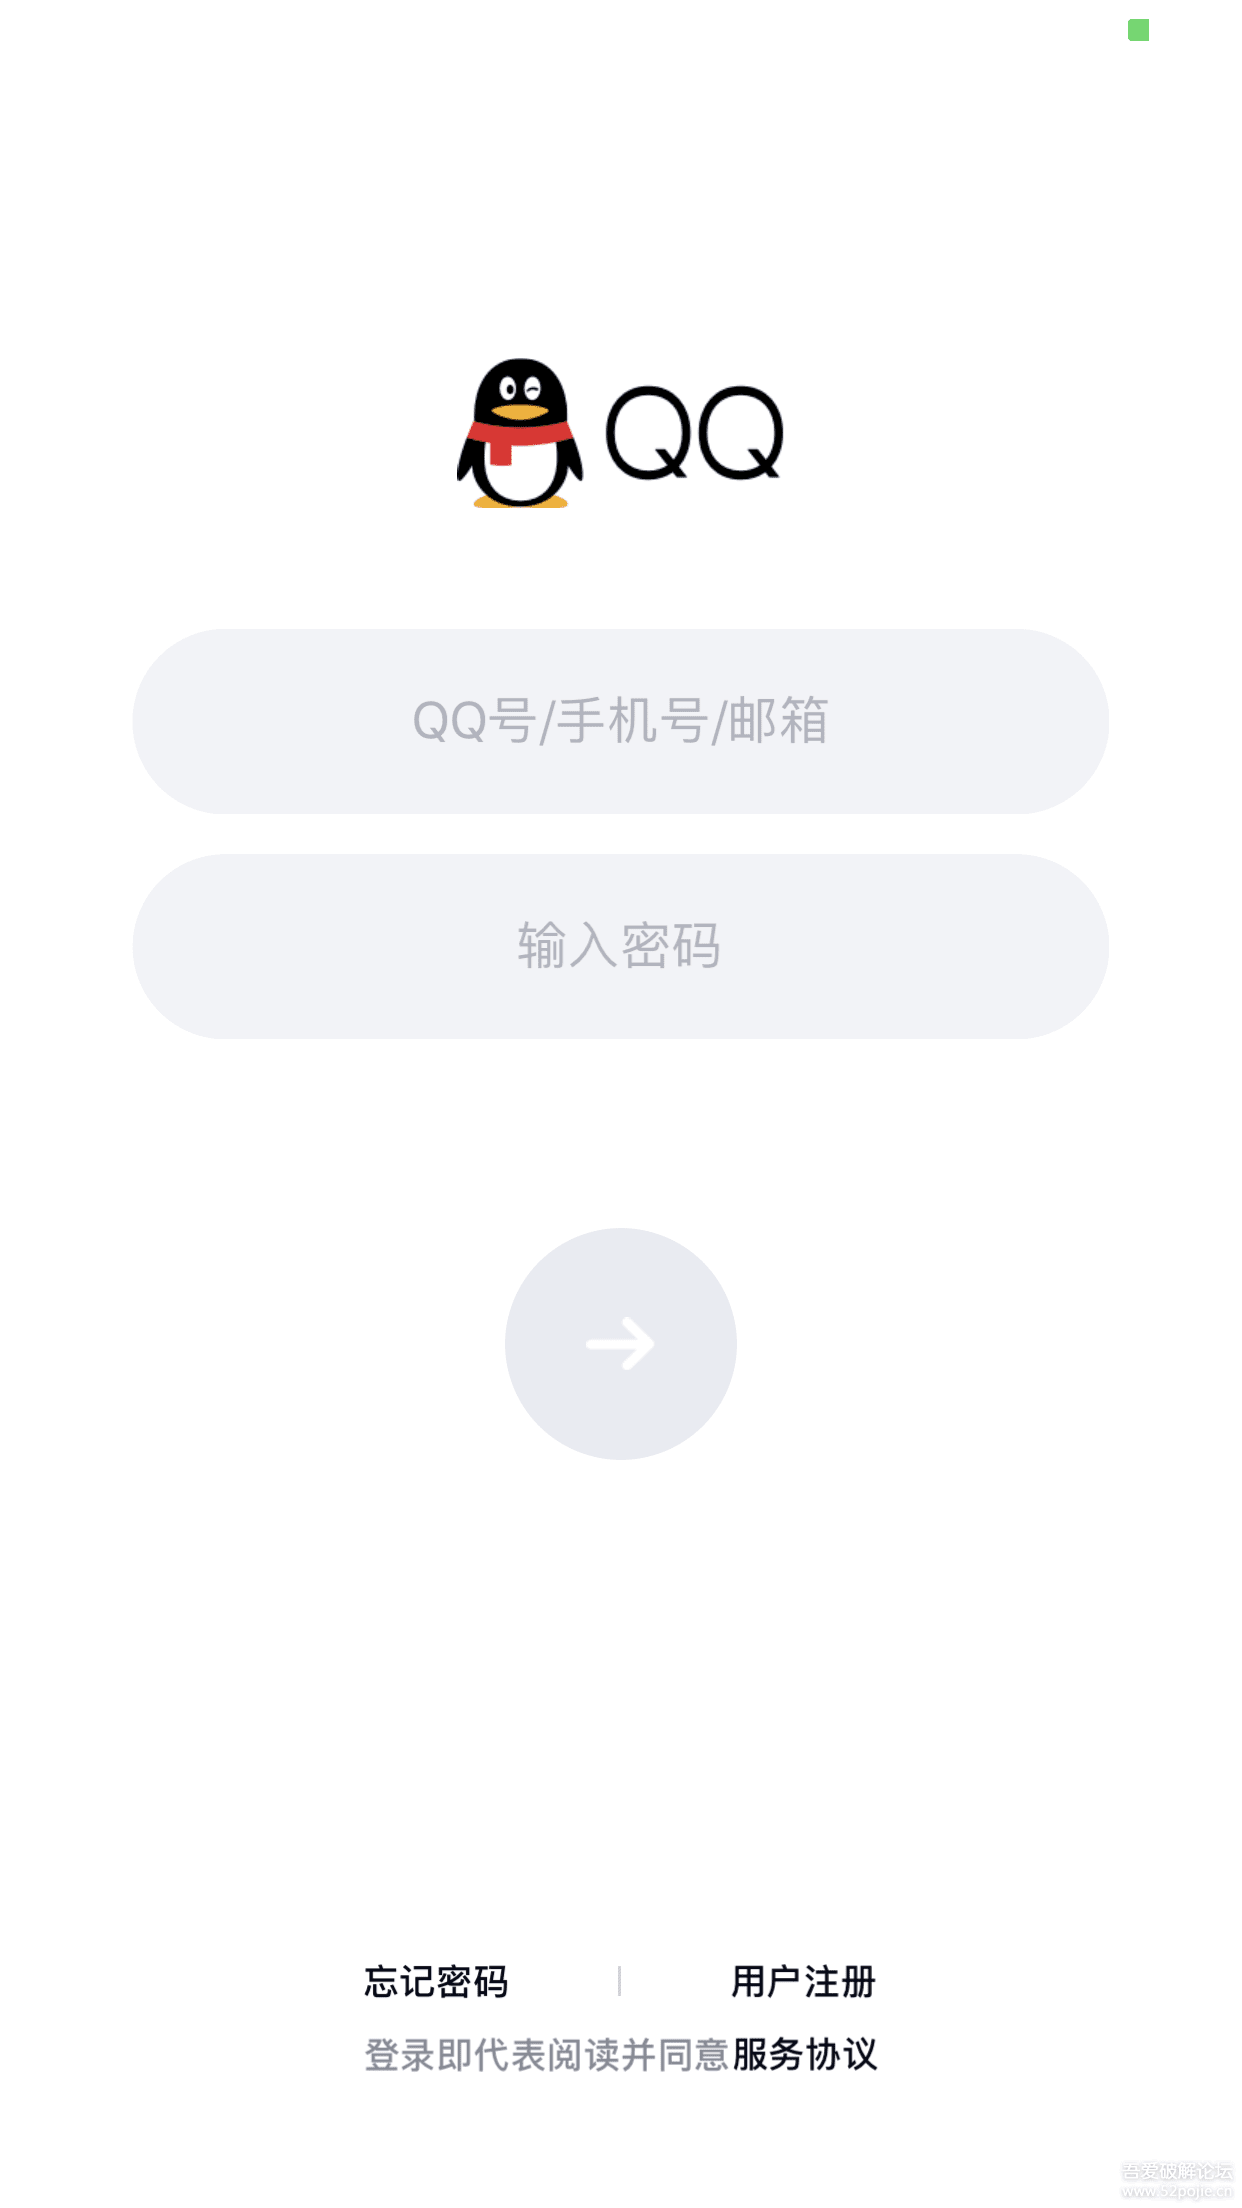 [苹果专享]iOS苹果QQ在线安装多开独立客户端\互不冲突\完美兼容